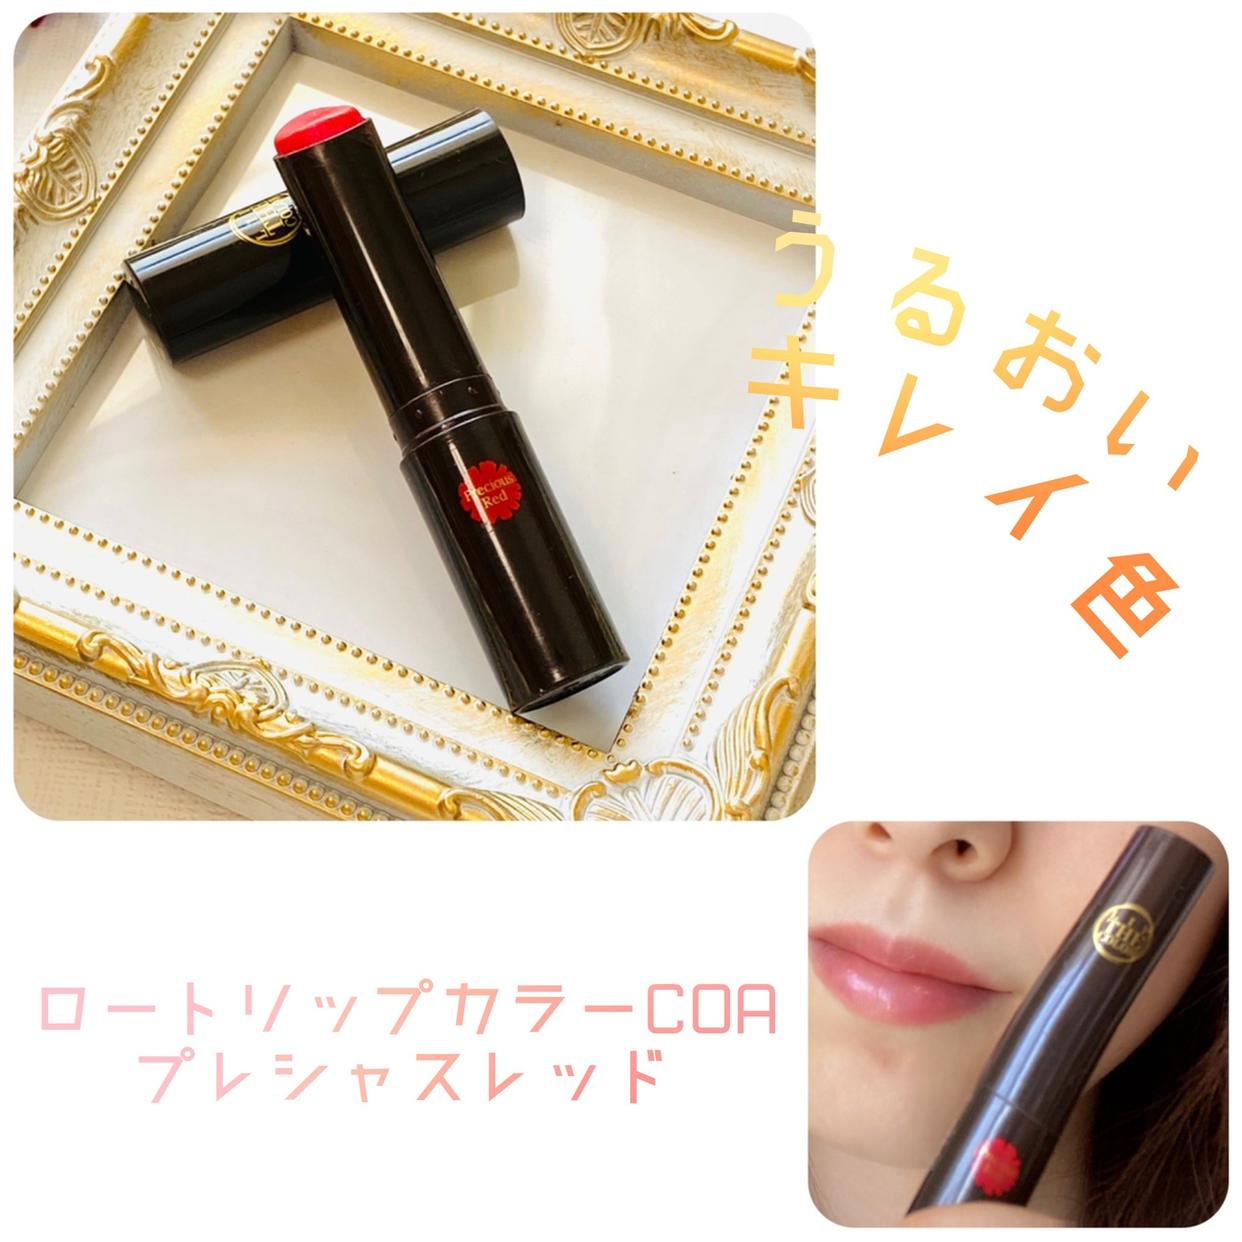 ロート製薬(ROHTO) リップザカラーに関するminoriさんの口コミ画像1